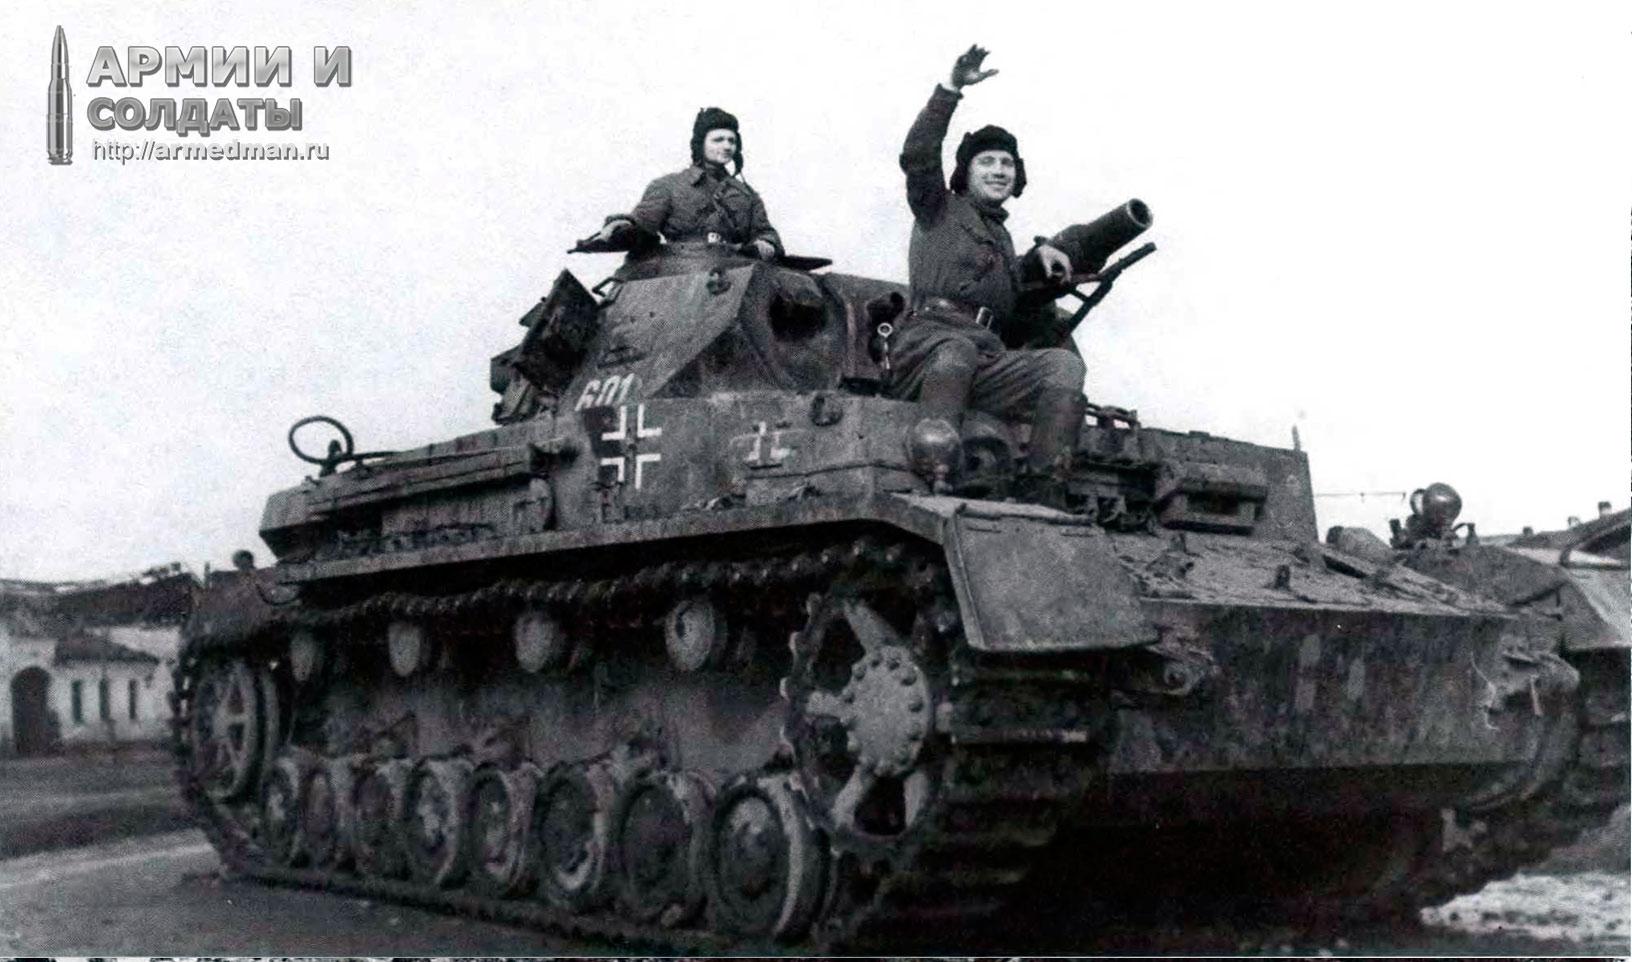 Pz-IV-Aust-F1-на-службе-в-Красной-Армии,-Северокавказский-фронт,-151-танковая-бригада,-весна-1943